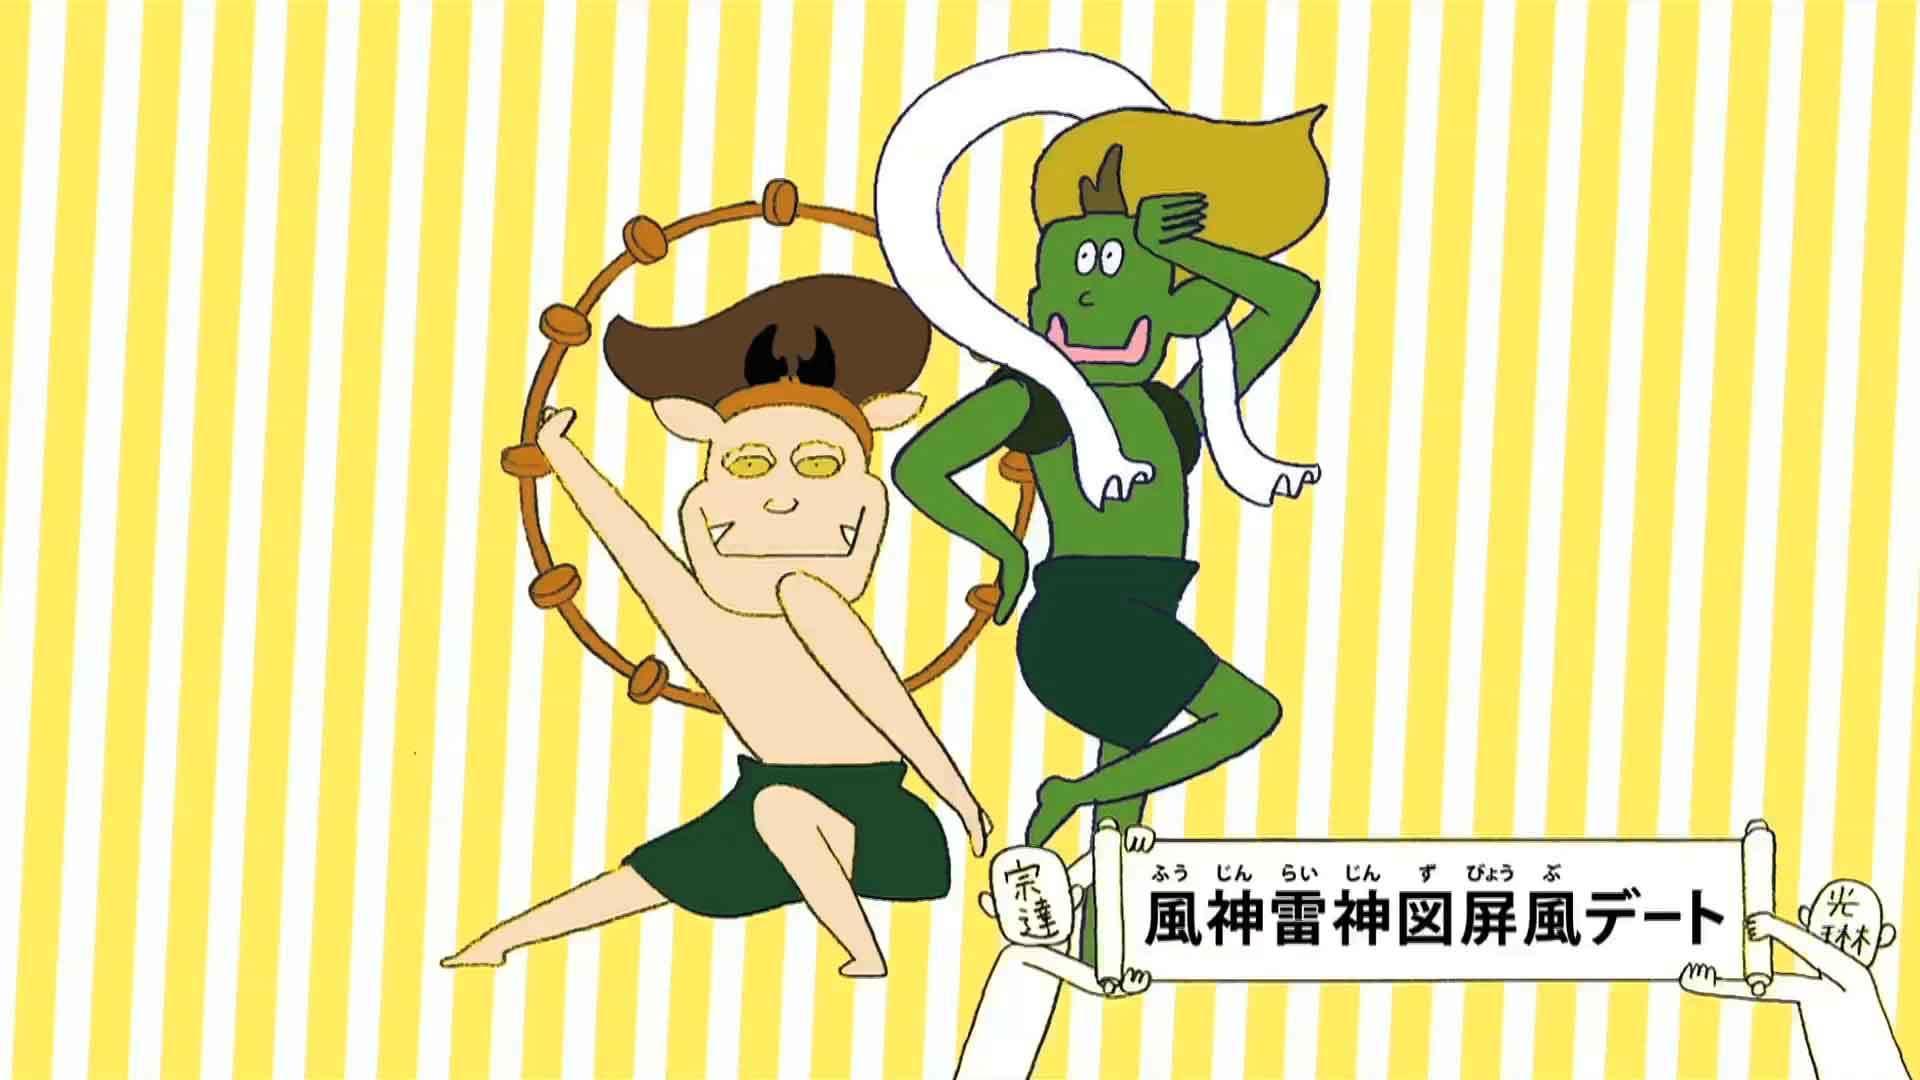 びじゅチューン!《風神雷神図屏風デート》(C)NHK・井上涼2018